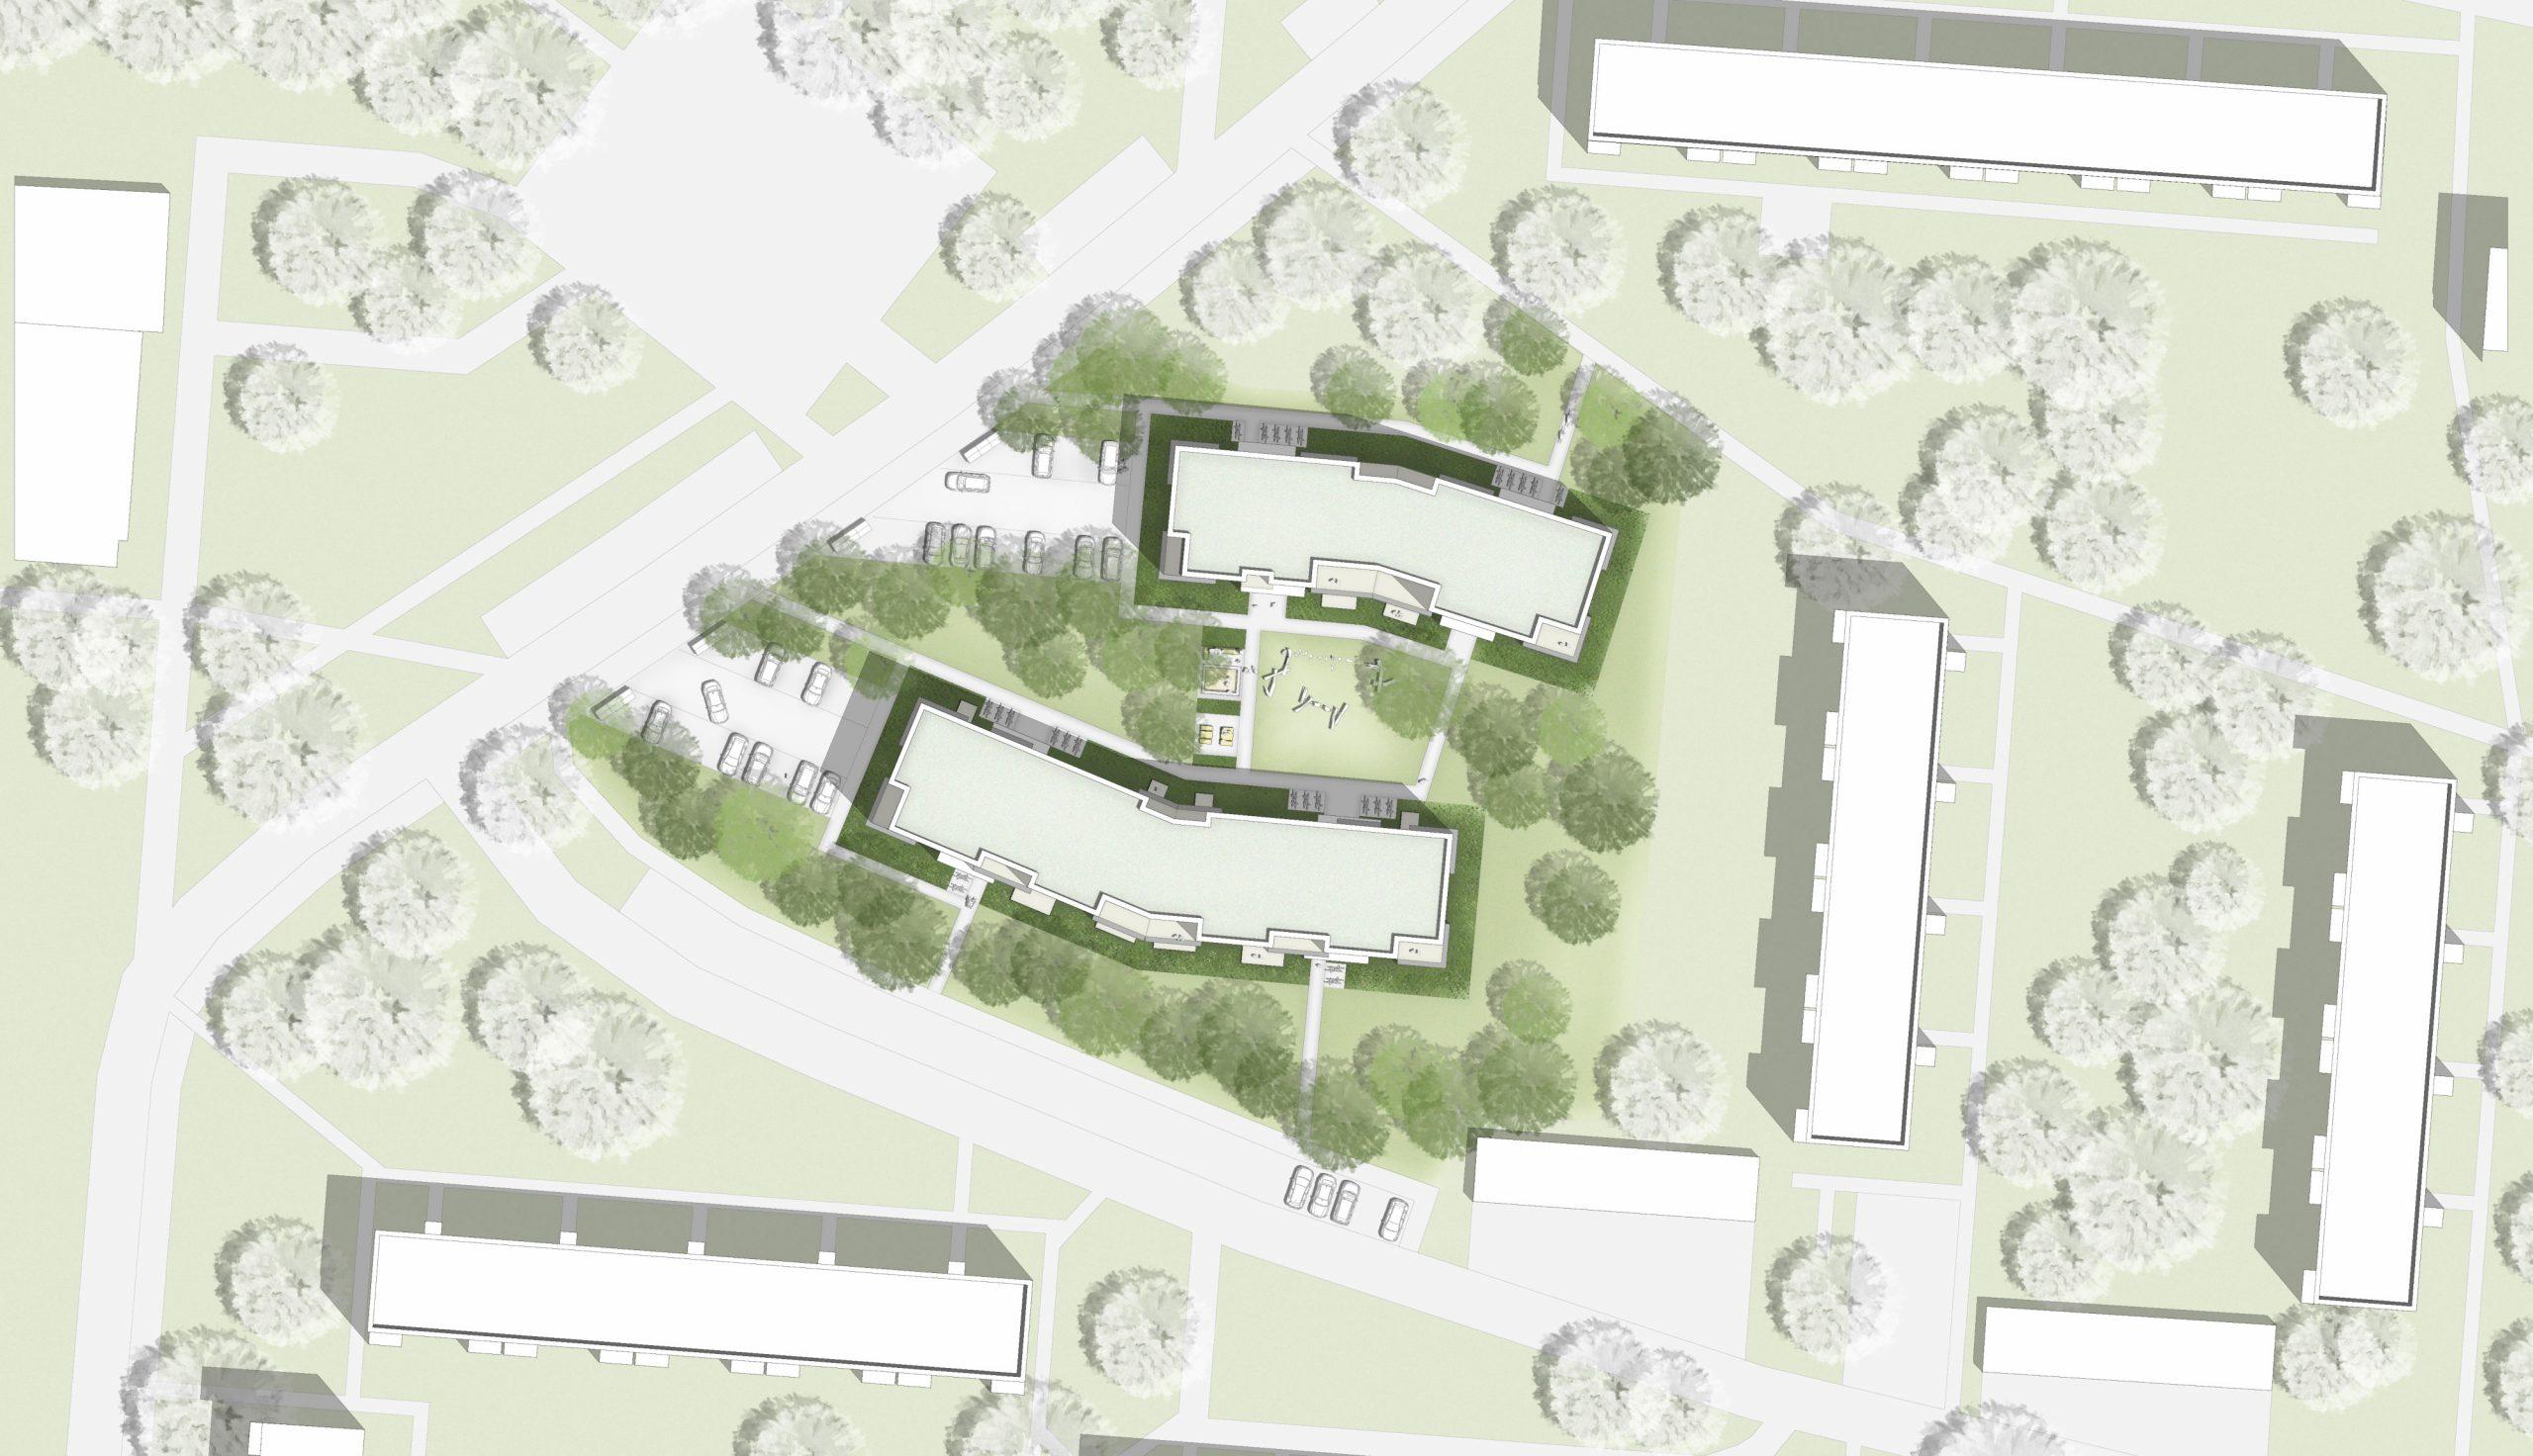 Projektbild 1, Neubau eines Wohnquartiers mit 50 Wohneinheiten   |   Rostock – Südstadt